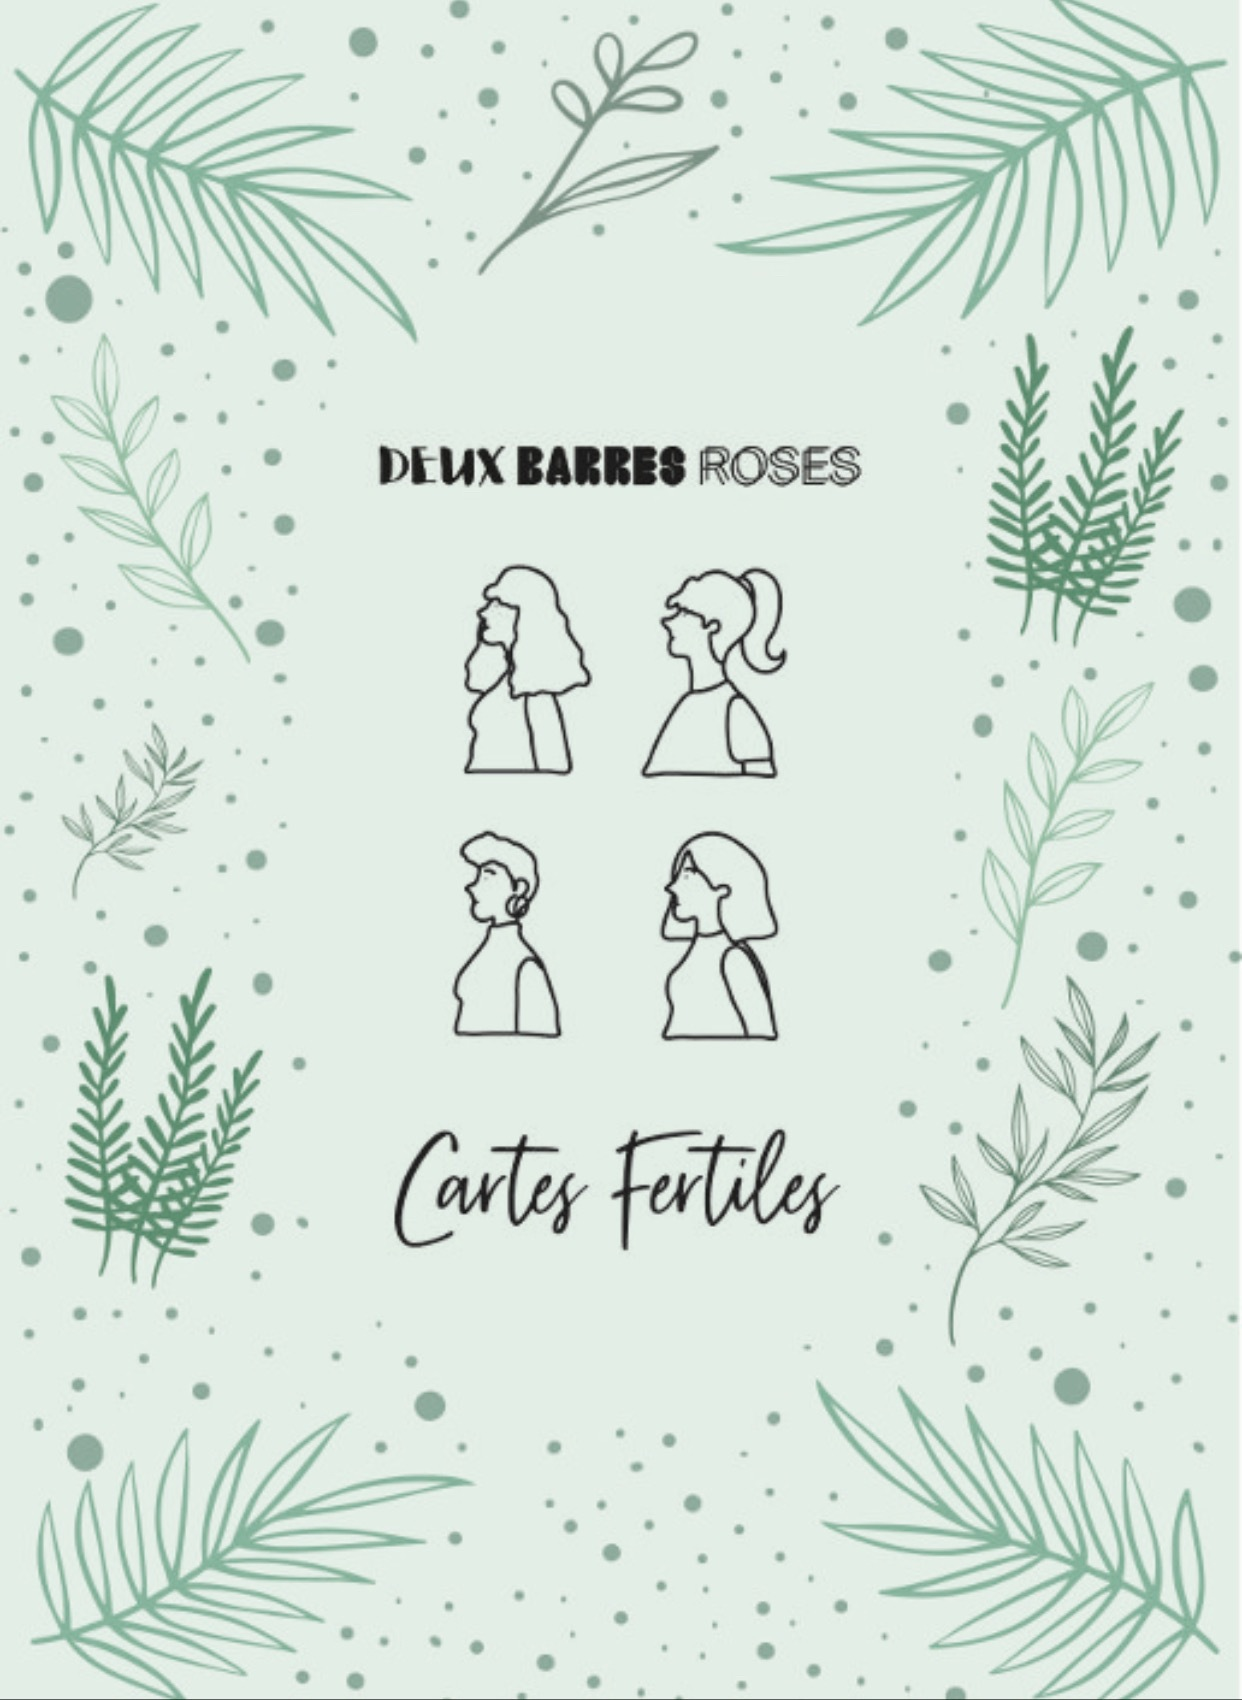 Cartes Fertiles 01162